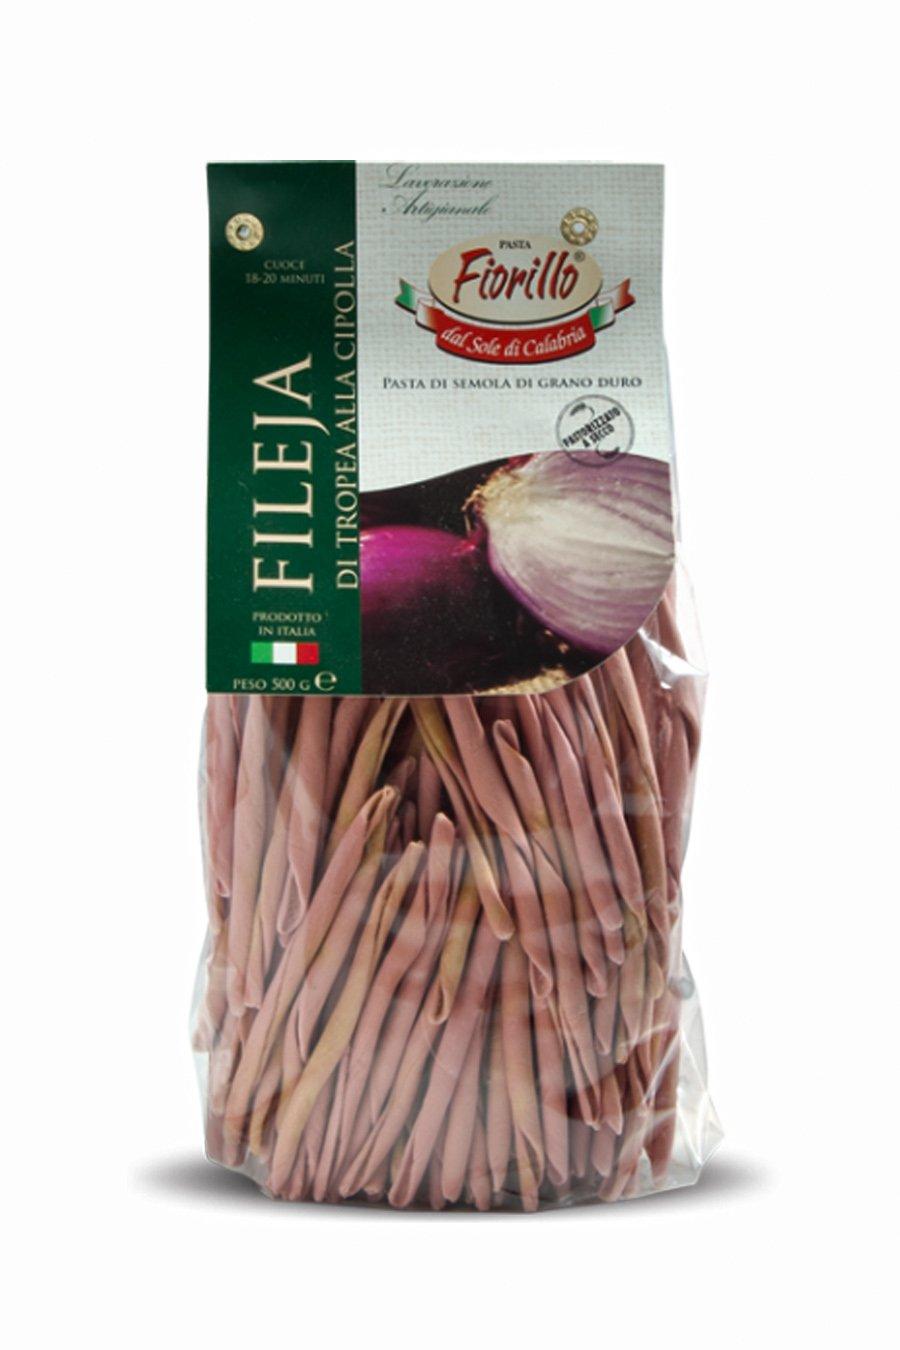 FILEJA PICANTE FIORILLO 500GR PASTA ITALIANA GOURMET EXTRUIDA EN BRONCE: Amazon.es: Alimentación y bebidas